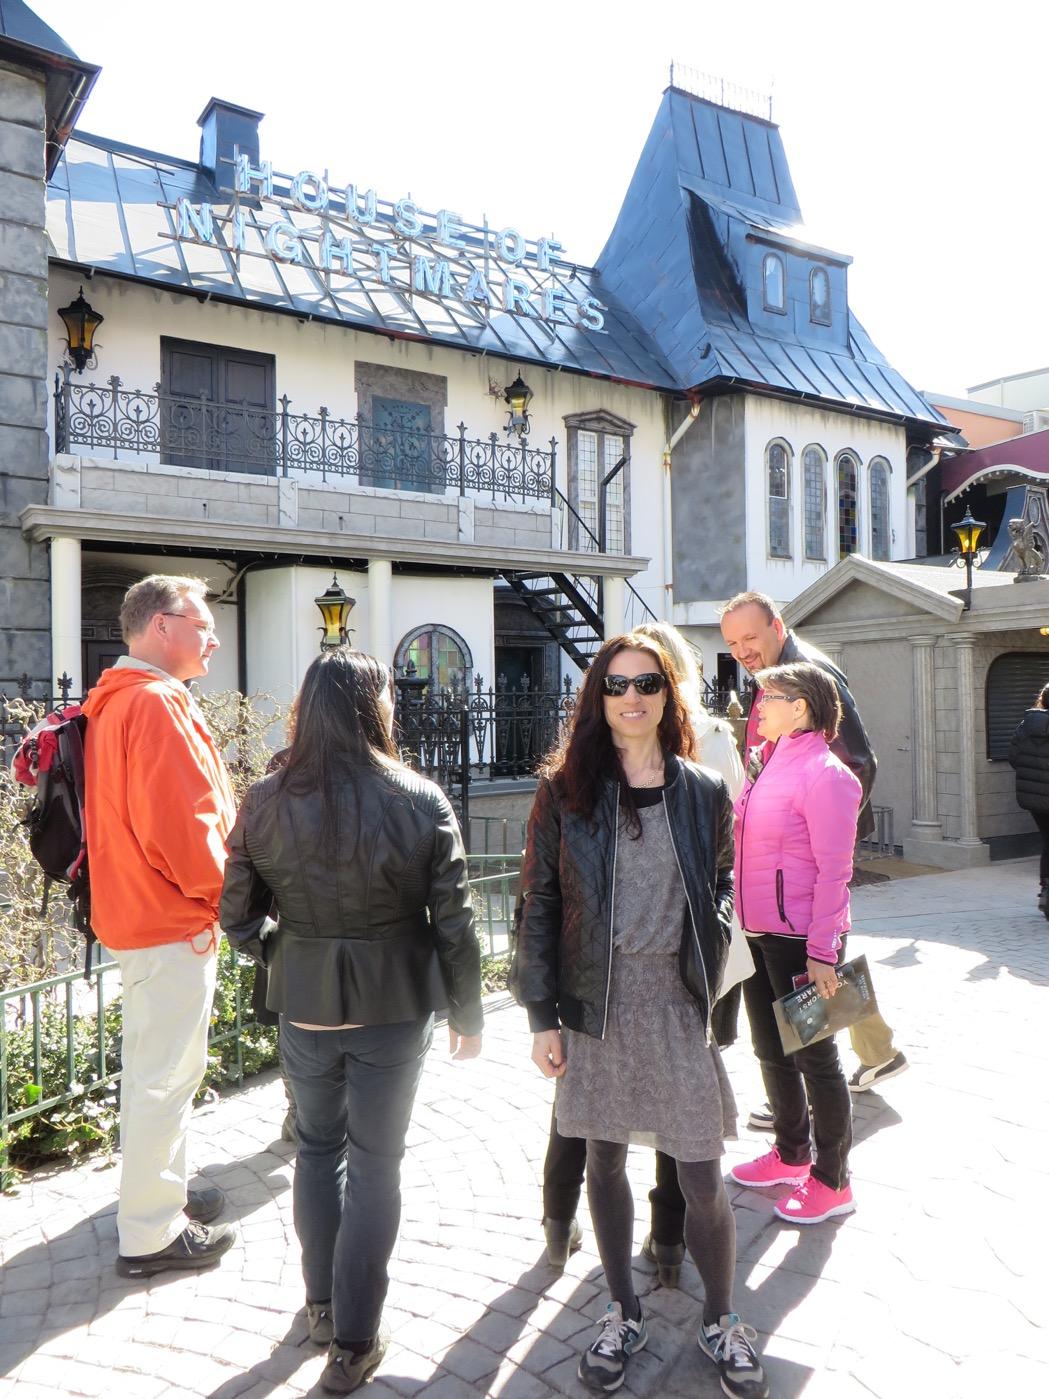 Det läskiga huset där Dr. Morphio har fått liv och hemsöker husets varje vrå!